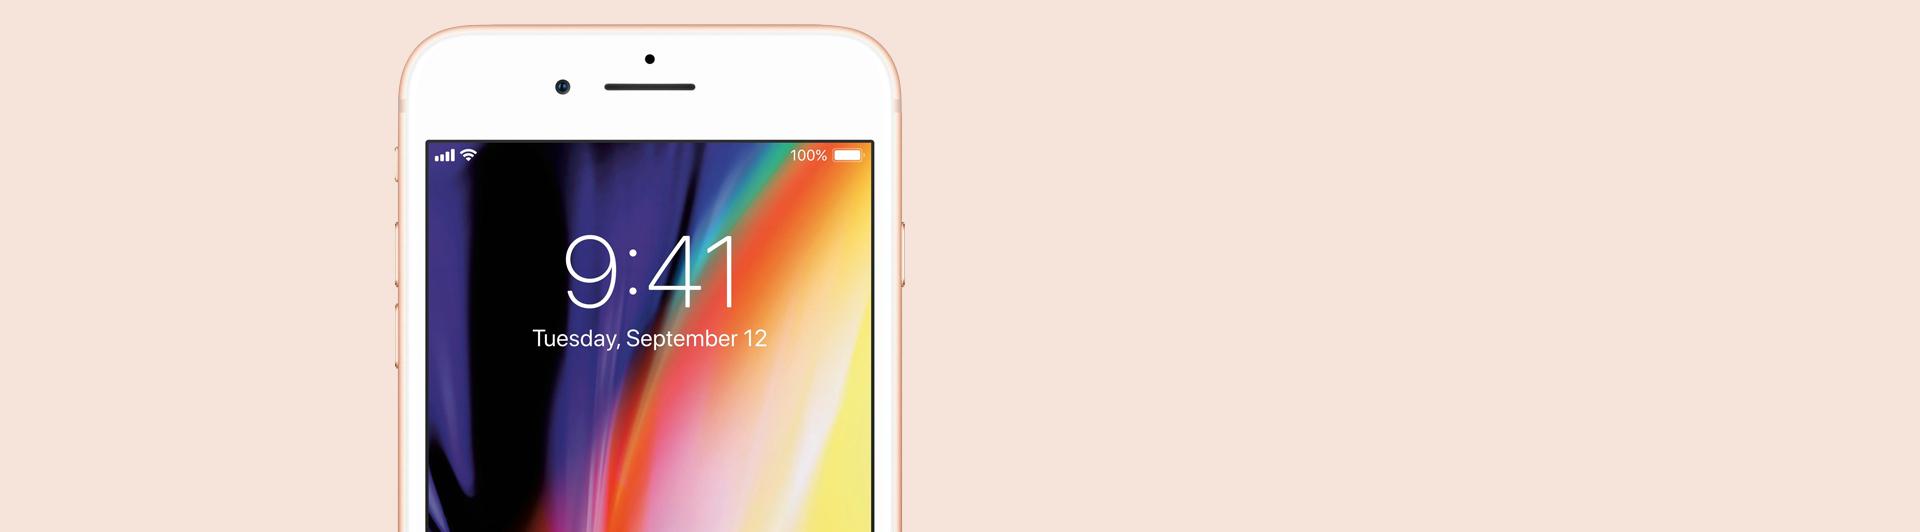 iPhone 8 256GB Gold màn hình Retina